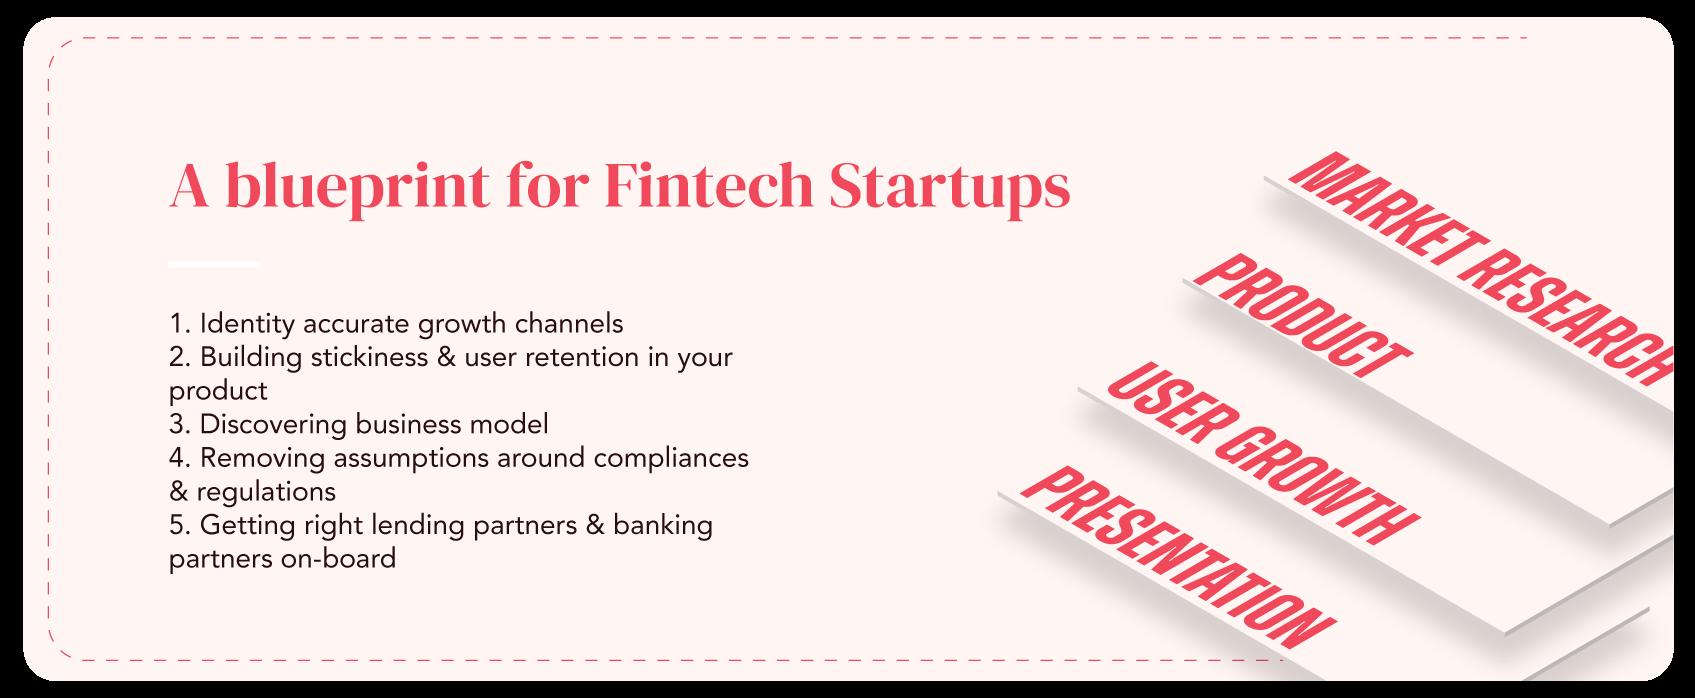 Fintech startup blueprint